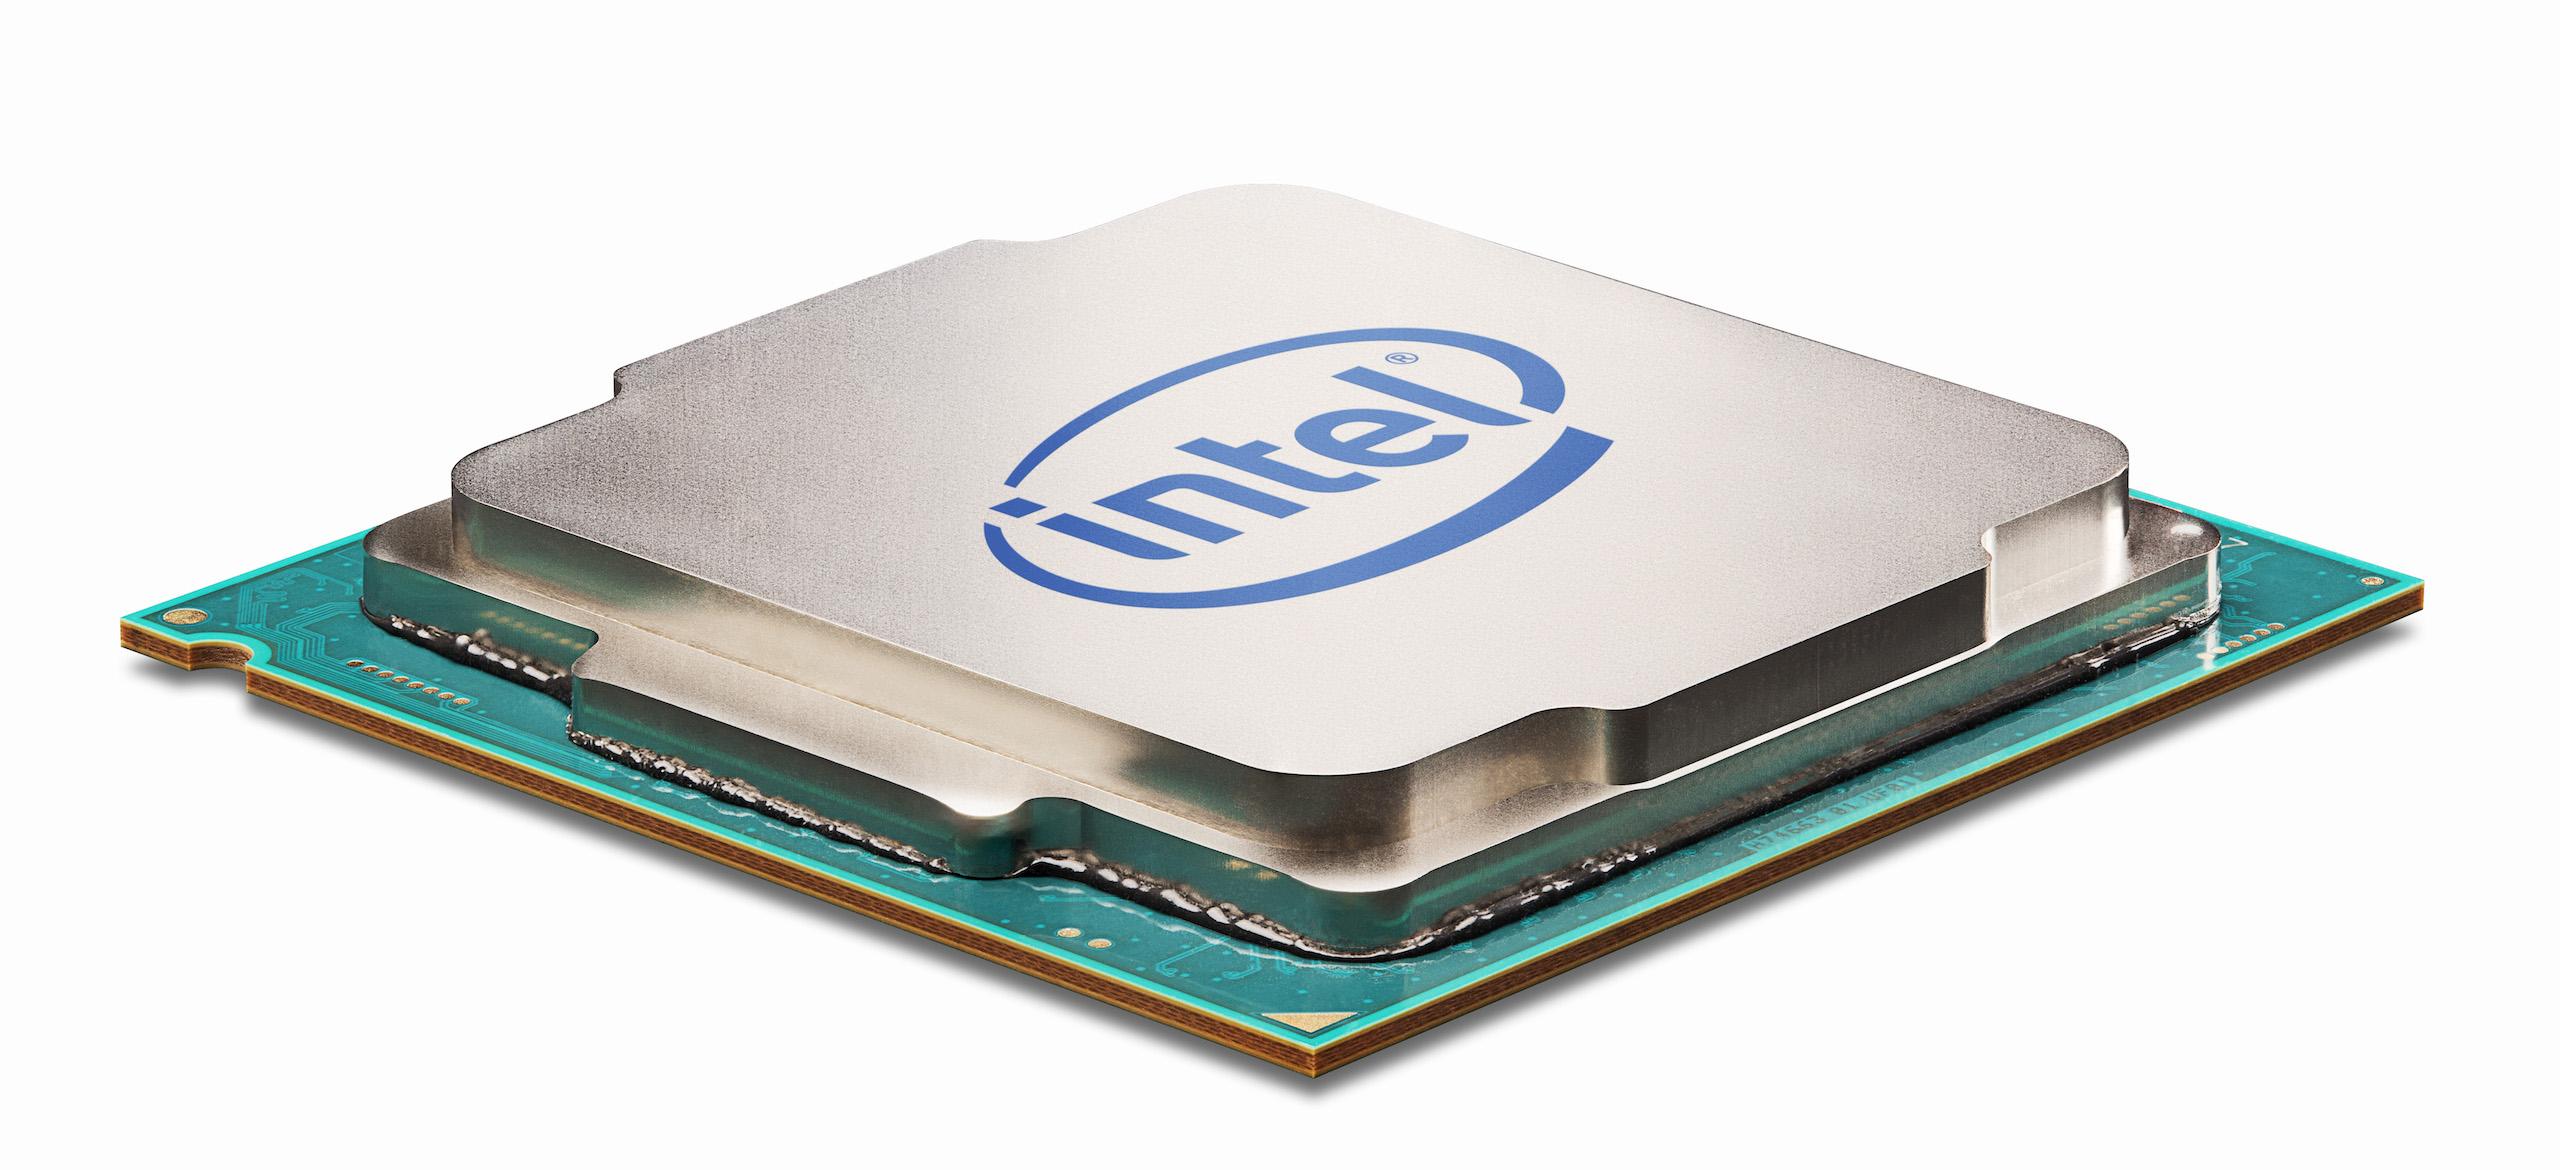 netflix download windows 7 chip